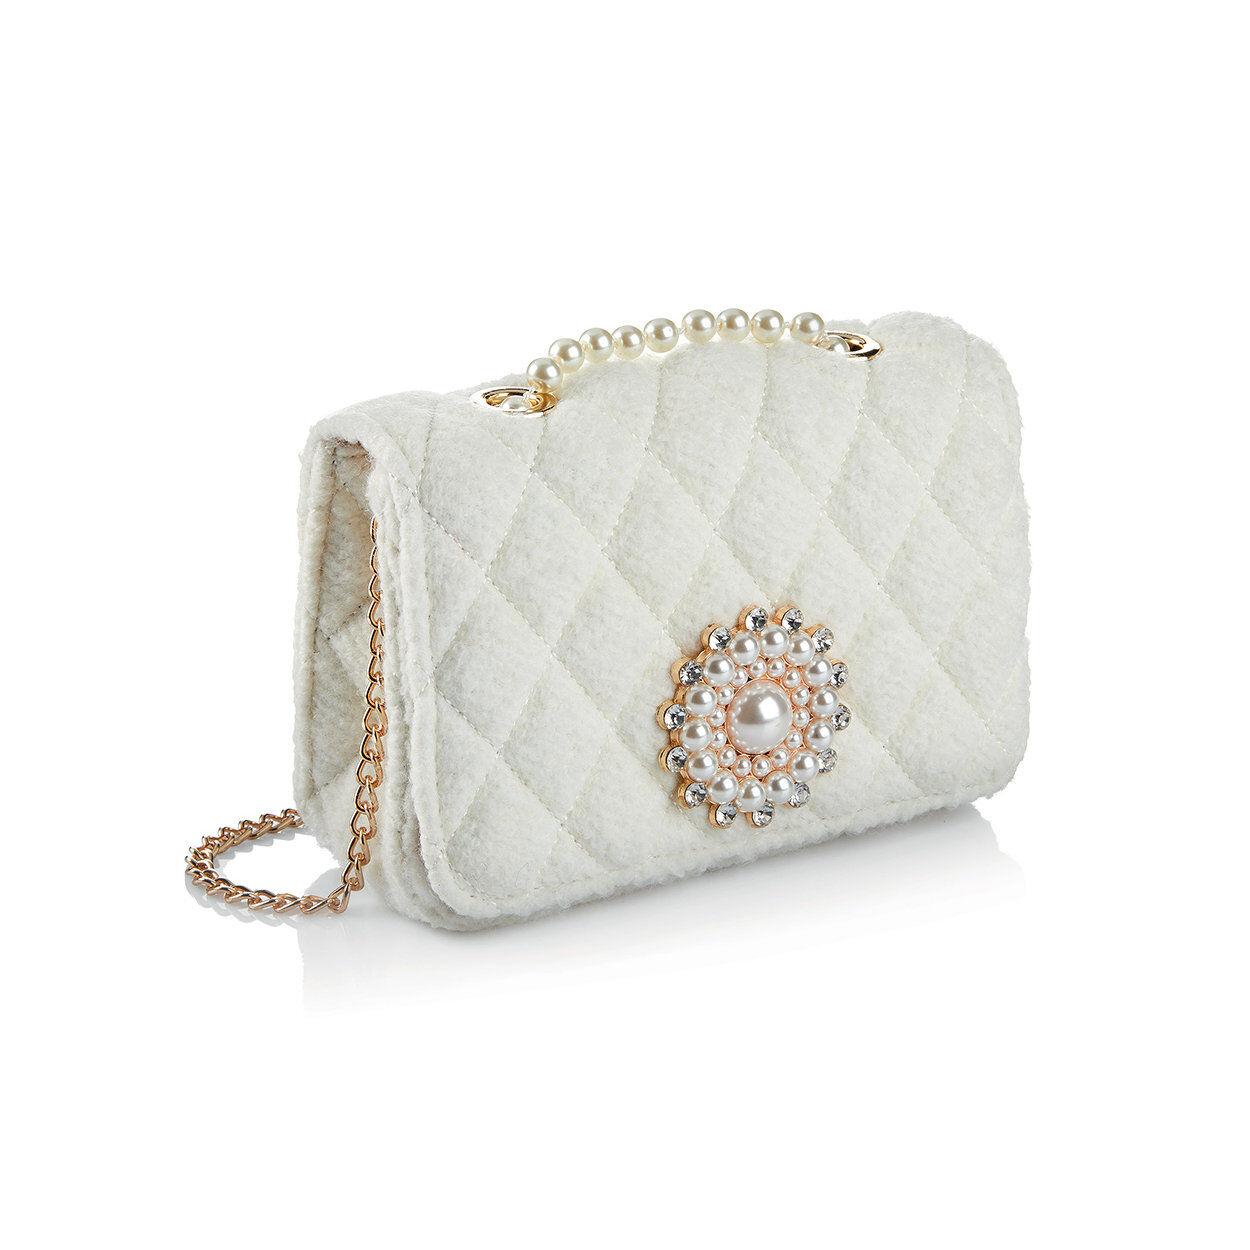 ottaviani borsa gioiello in tessuto con cristalli, perle e strass bianca